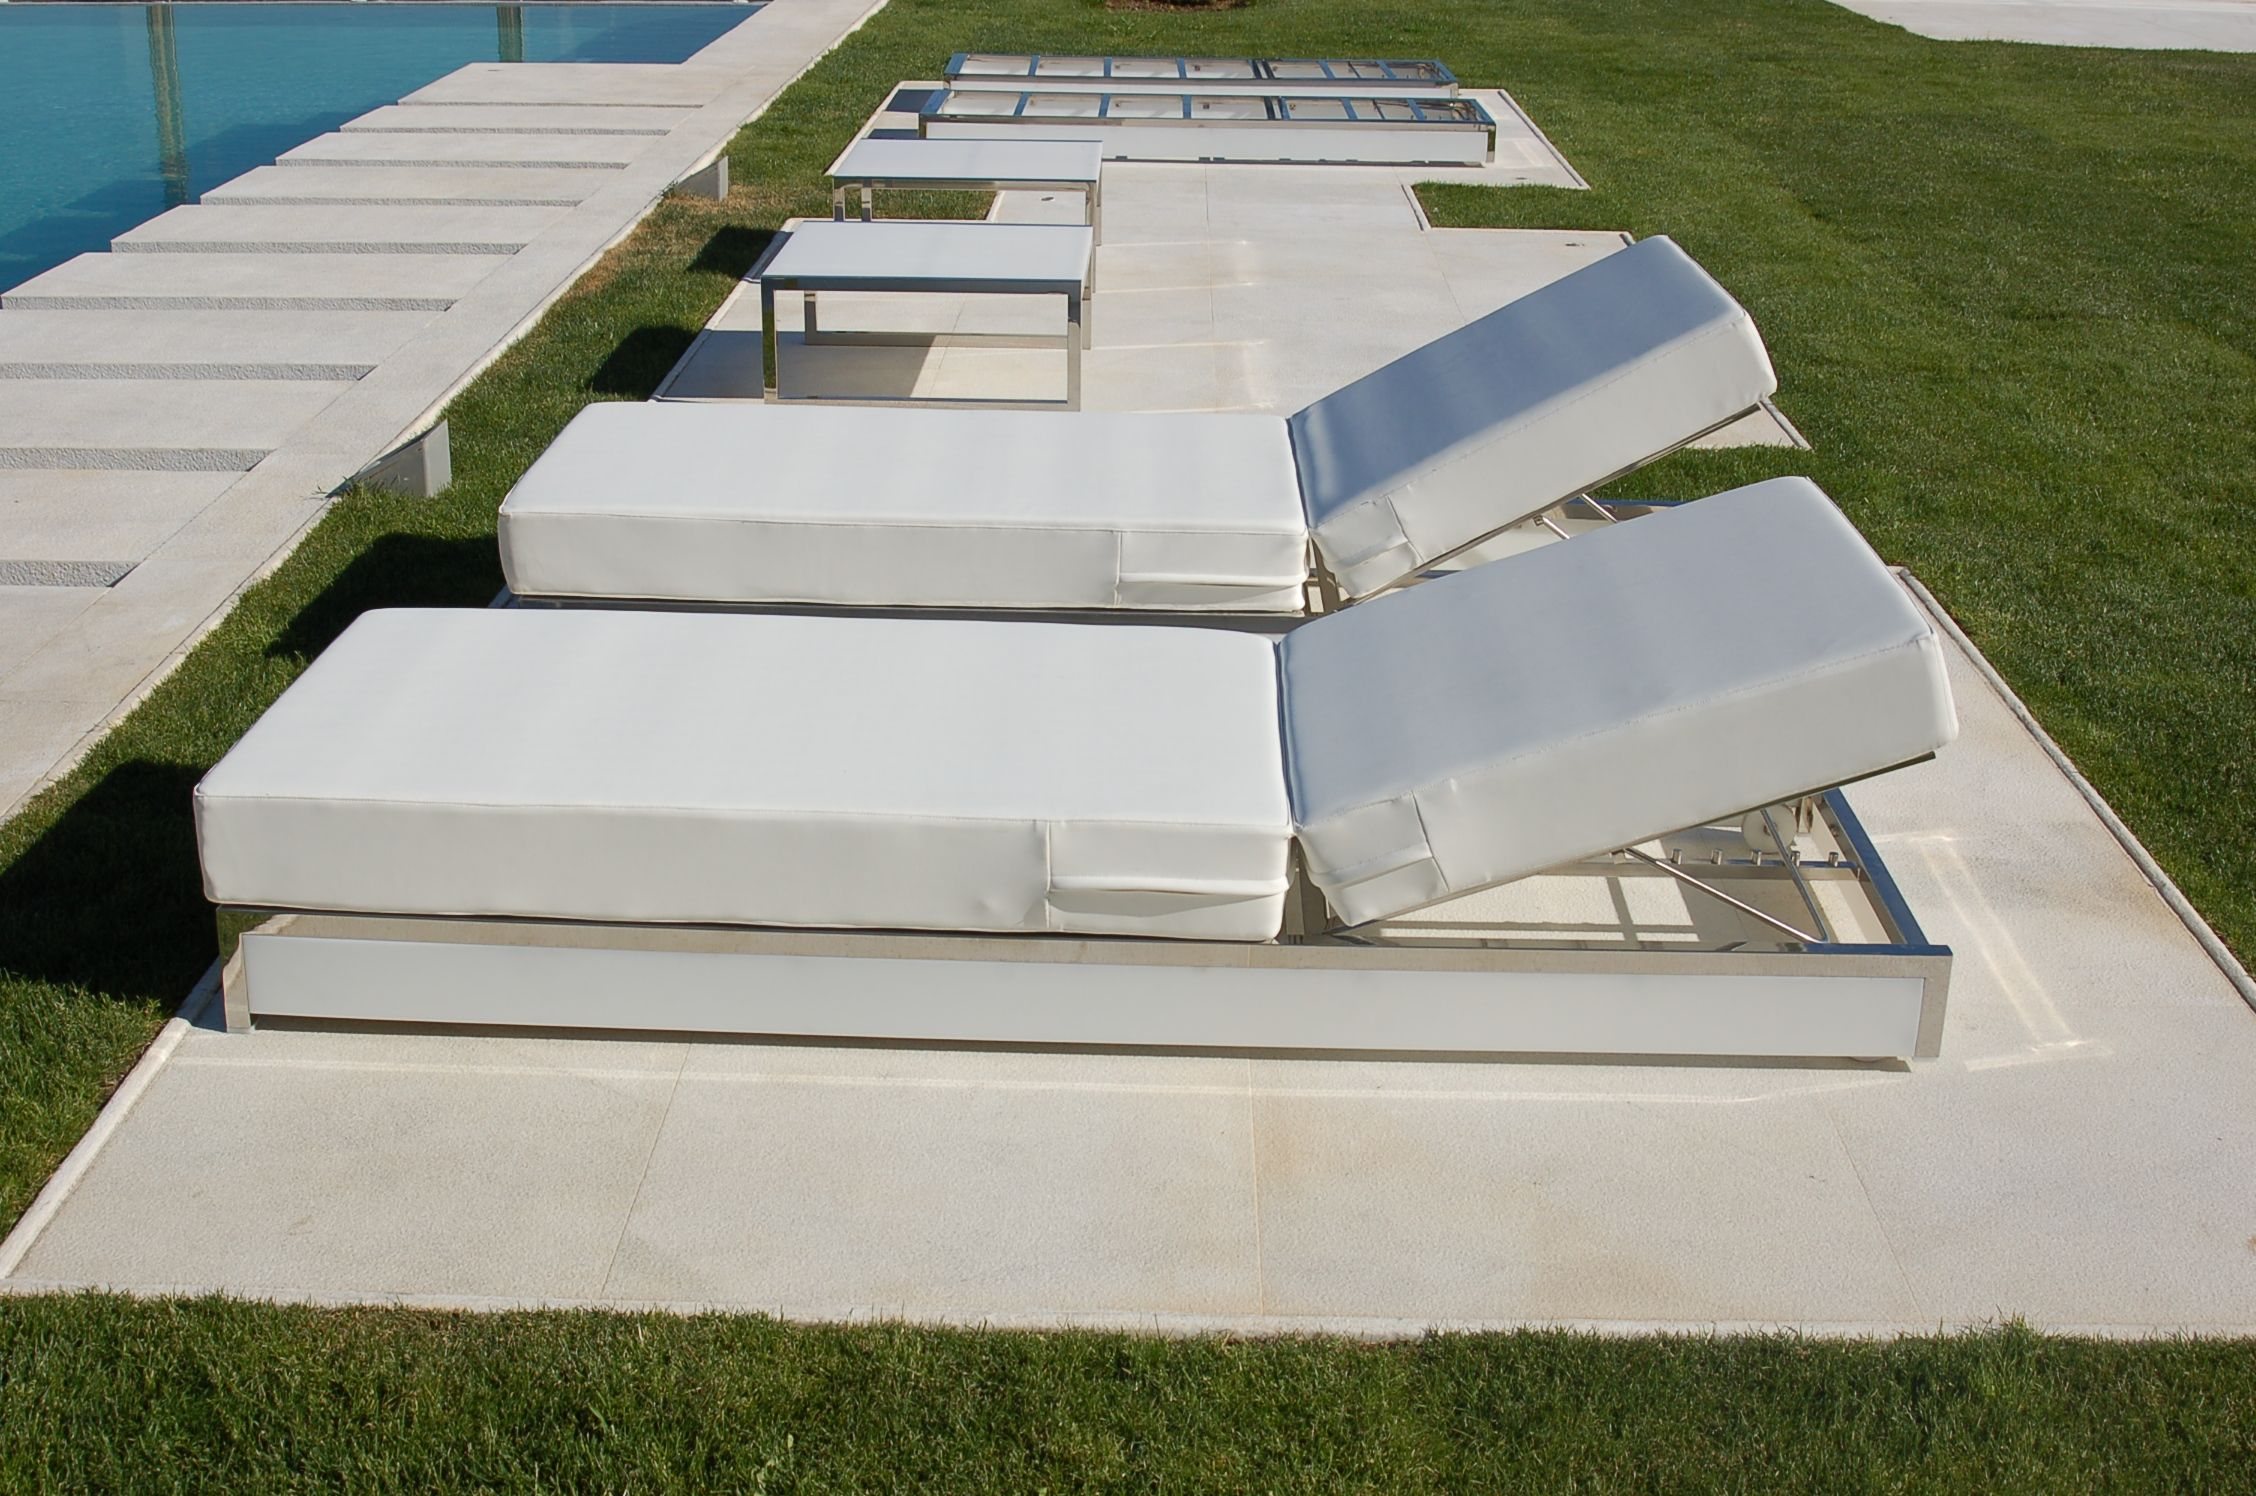 hamacas chill outmuebles de terraza metlicos lacados con pintura al polvo al horno